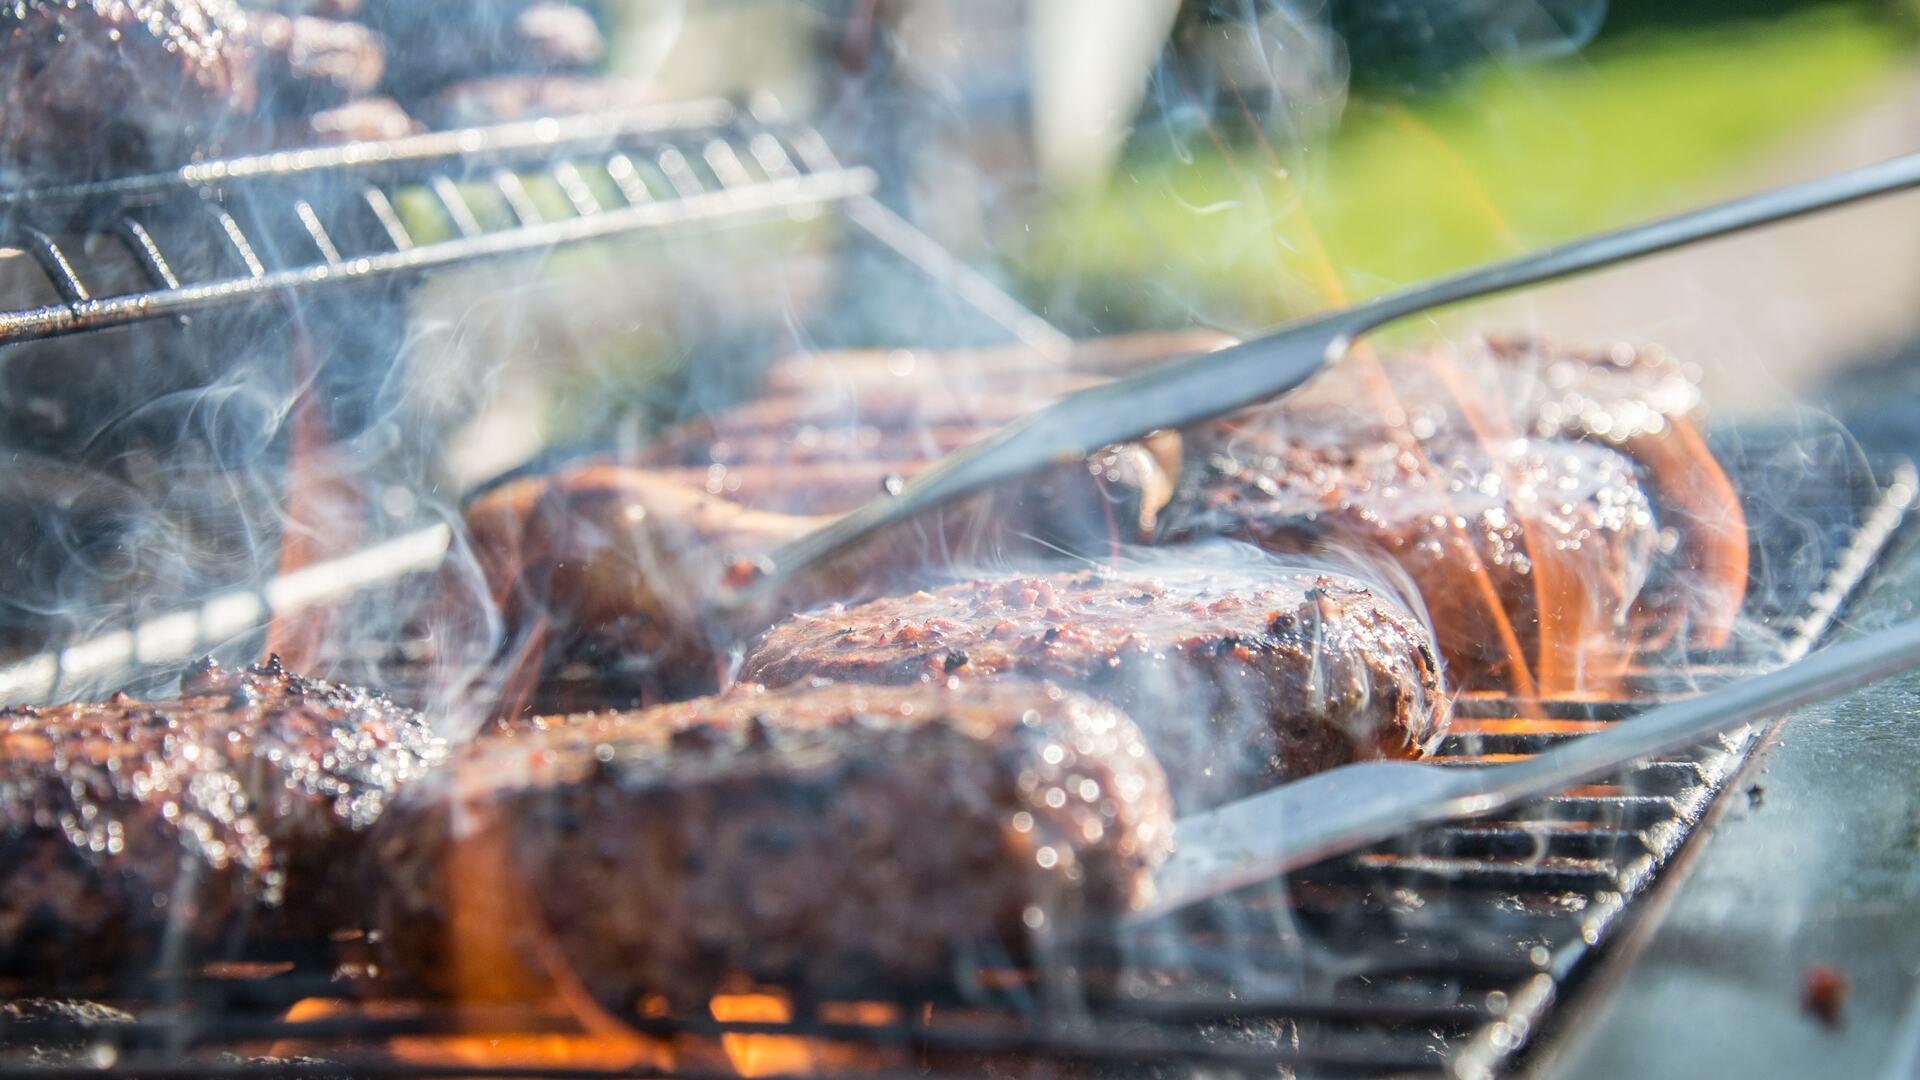 Gastronomic Event at Biegarten: Summer BBQ